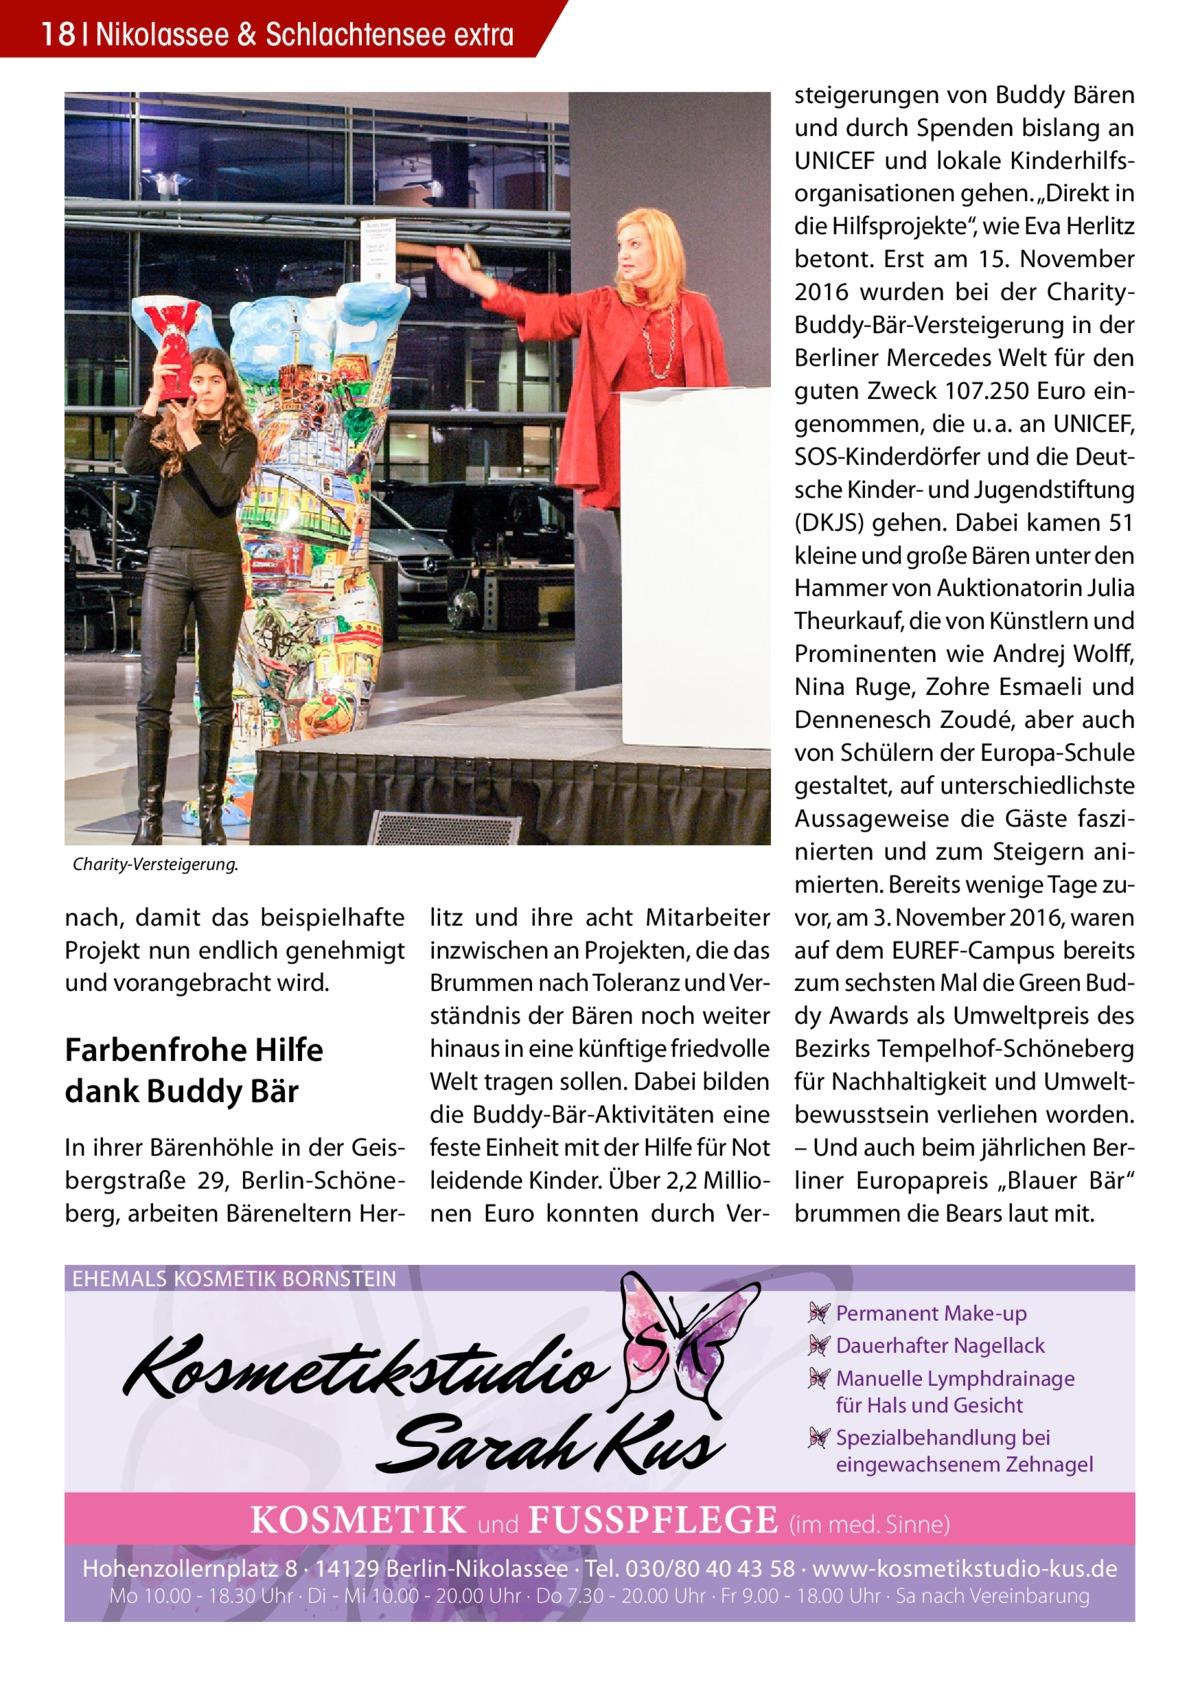 """18 Nikolassee & Schlachtensee extra  Charity-Versteigerung.  nach, damit das beispielhafte litz und ihre acht Mitarbeiter Projekt nun endlich genehmigt inzwischen an Projekten, die das und vorangebracht wird. Brummen nach Toleranz und Verständnis der Bären noch weiter hinaus in eine künftige friedvolle Farbenfrohe Hilfe Welt tragen sollen. Dabei bilden dank Buddy Bär die Buddy-Bär-Aktivitäten eine In ihrer Bärenhöhle in der Geis- feste Einheit mit der Hilfe für Not bergstraße 29, Berlin-Schöne- leidende Kinder. Über 2,2Millioberg, arbeiten Bäreneltern Her- nen Euro konnten durch Ver steigerungen von Buddy Bären und durch Spenden bislang an UNICEF und lokale Kinderhilfsorganisationen gehen. """"Direkt in die Hilfsprojekte"""", wie Eva Herlitz betont. Erst am 15. November 2016 wurden bei der CharityBuddy-Bär-Versteigerung in der Berliner Mercedes Welt für den guten Zweck 107.250Euro eingenommen, die u.a. an UNICEF, SOS-Kinderdörfer und die Deutsche Kinder- und Jugendstiftung (DKJS) gehen. Dabei kamen 51 kleine und große Bären unter den Hammer von Auktionatorin Julia Theurkauf, die von Künstlern und Prominenten wie Andrej Wolff, Nina Ruge, Zohre Esmaeli und Dennenesch Zoudé, aber auch von Schülern der Europa-Schule gestaltet, auf unterschiedlichste Aussageweise die Gäste faszinierten und zum Steigern animierten. Bereits wenige Tage zuvor, am 3.November 2016, waren auf dem EUREF-Campus bereits zum sechsten Mal die Green Buddy Awards als Umweltpreis des Bezirks Tempelhof-Schöneberg für Nachhaltigkeit und Umweltbewusstsein verliehen worden. – Und auch beim jährlichen Berliner Europapreis """"Blauer Bär"""" brummen die Bears laut mit.  EHEMALS KOSMETIK BORNSTEIN Permanent Make-up Dauerhafter Nagellack Manuelle Lymphdrainage für Hals und Gesicht Spezialbehandlung bei eingewachsenem Zehnagel  KOSMETIK und FUSSPFLEGE (im med. Sinne) Hohenzollernplatz 8 · 14129 Berlin-Nikolassee · Tel. 030/80 40 43 58 · www-kosmetikstudio-kus.de Mo 10.00 - 18.30 Uhr · Di - Mi 10.00 - 20.00 Uhr · Do 7.30 -"""